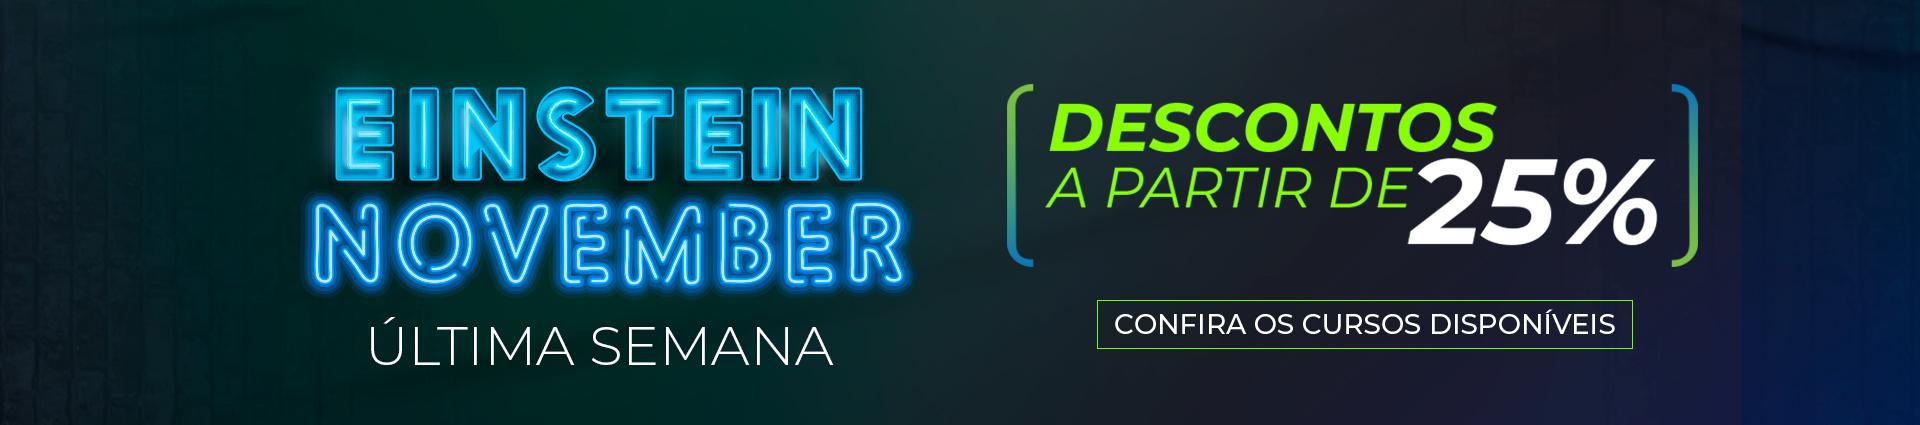 Banner_Einstein-November